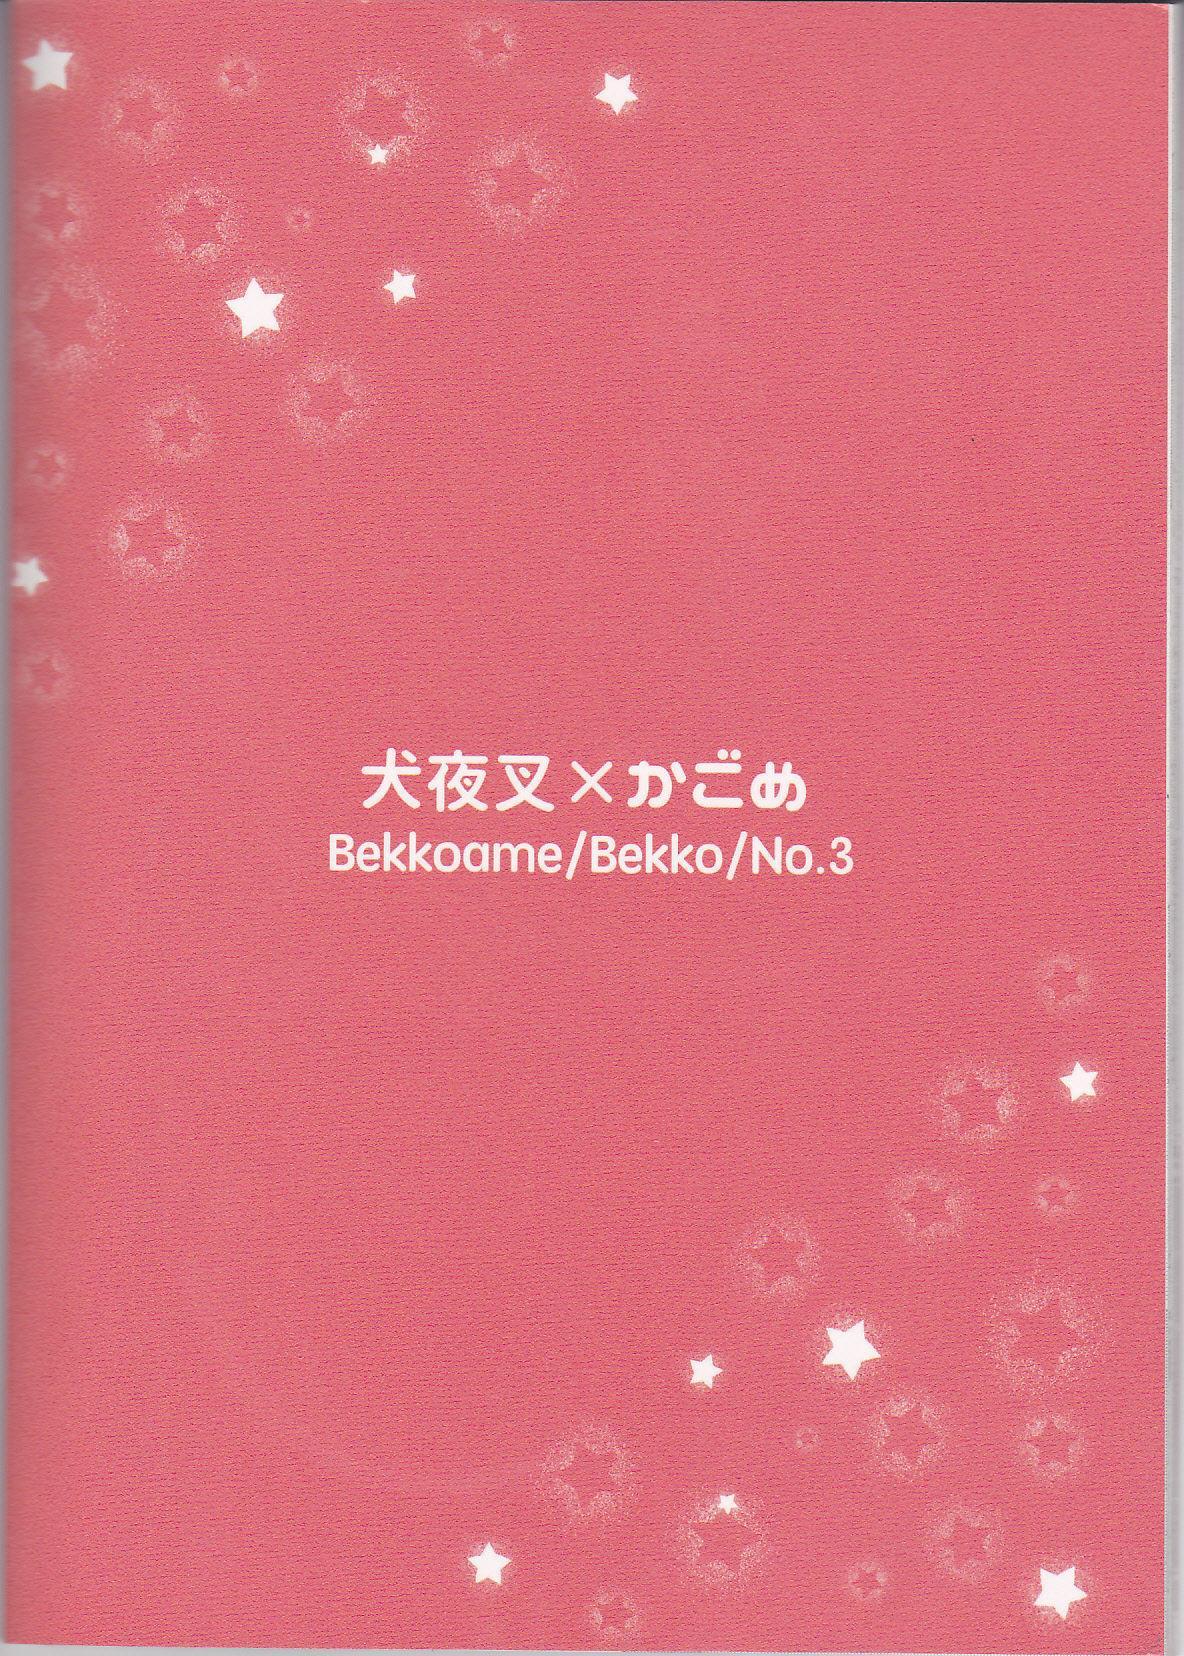 Koi Gusuri - Love drug 43